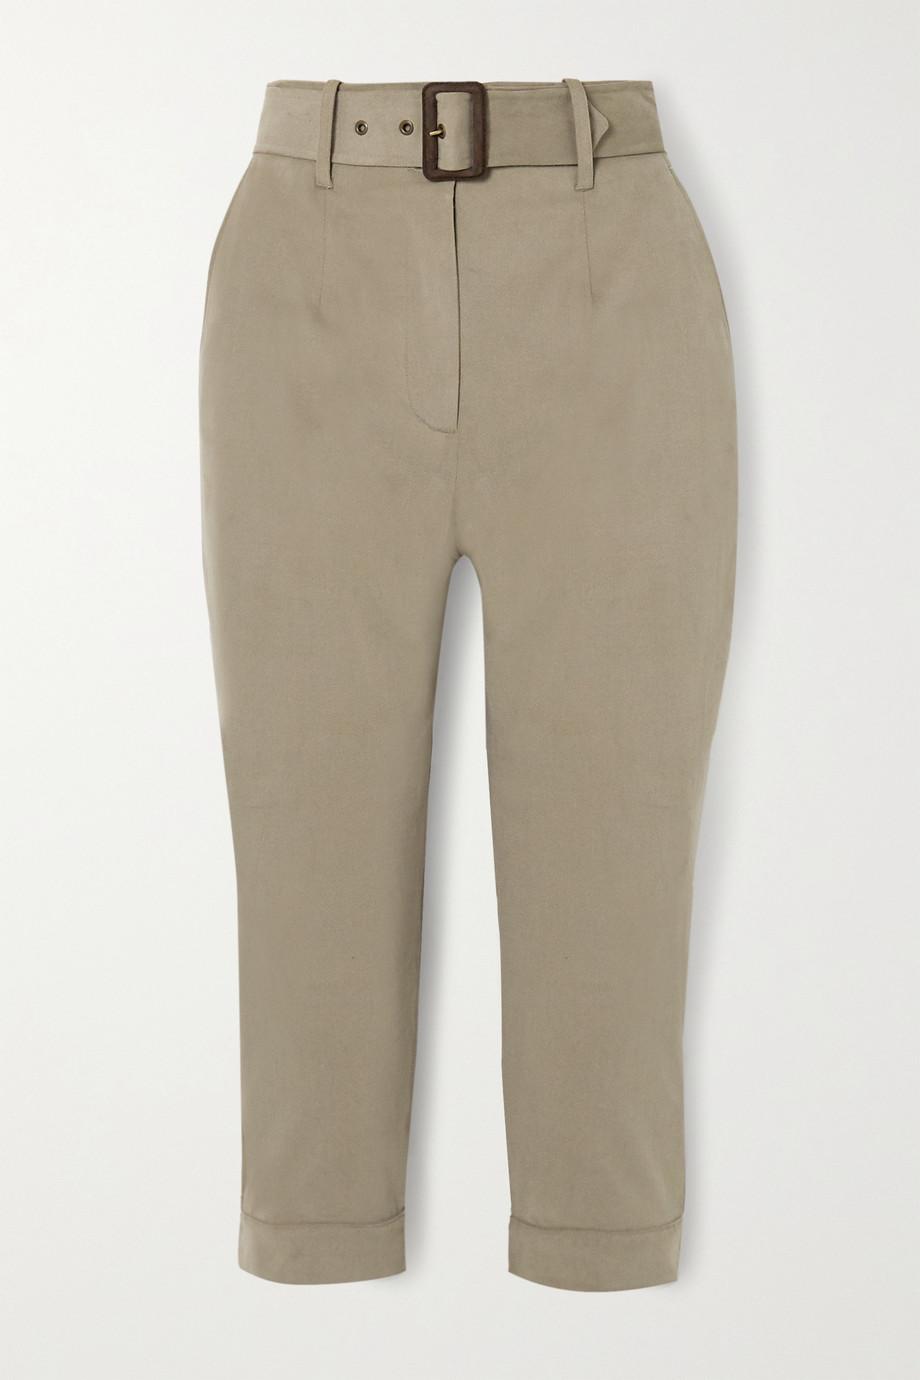 Purdey Pantalon fuselé raccourci en coton mélangé brossé à ceinture